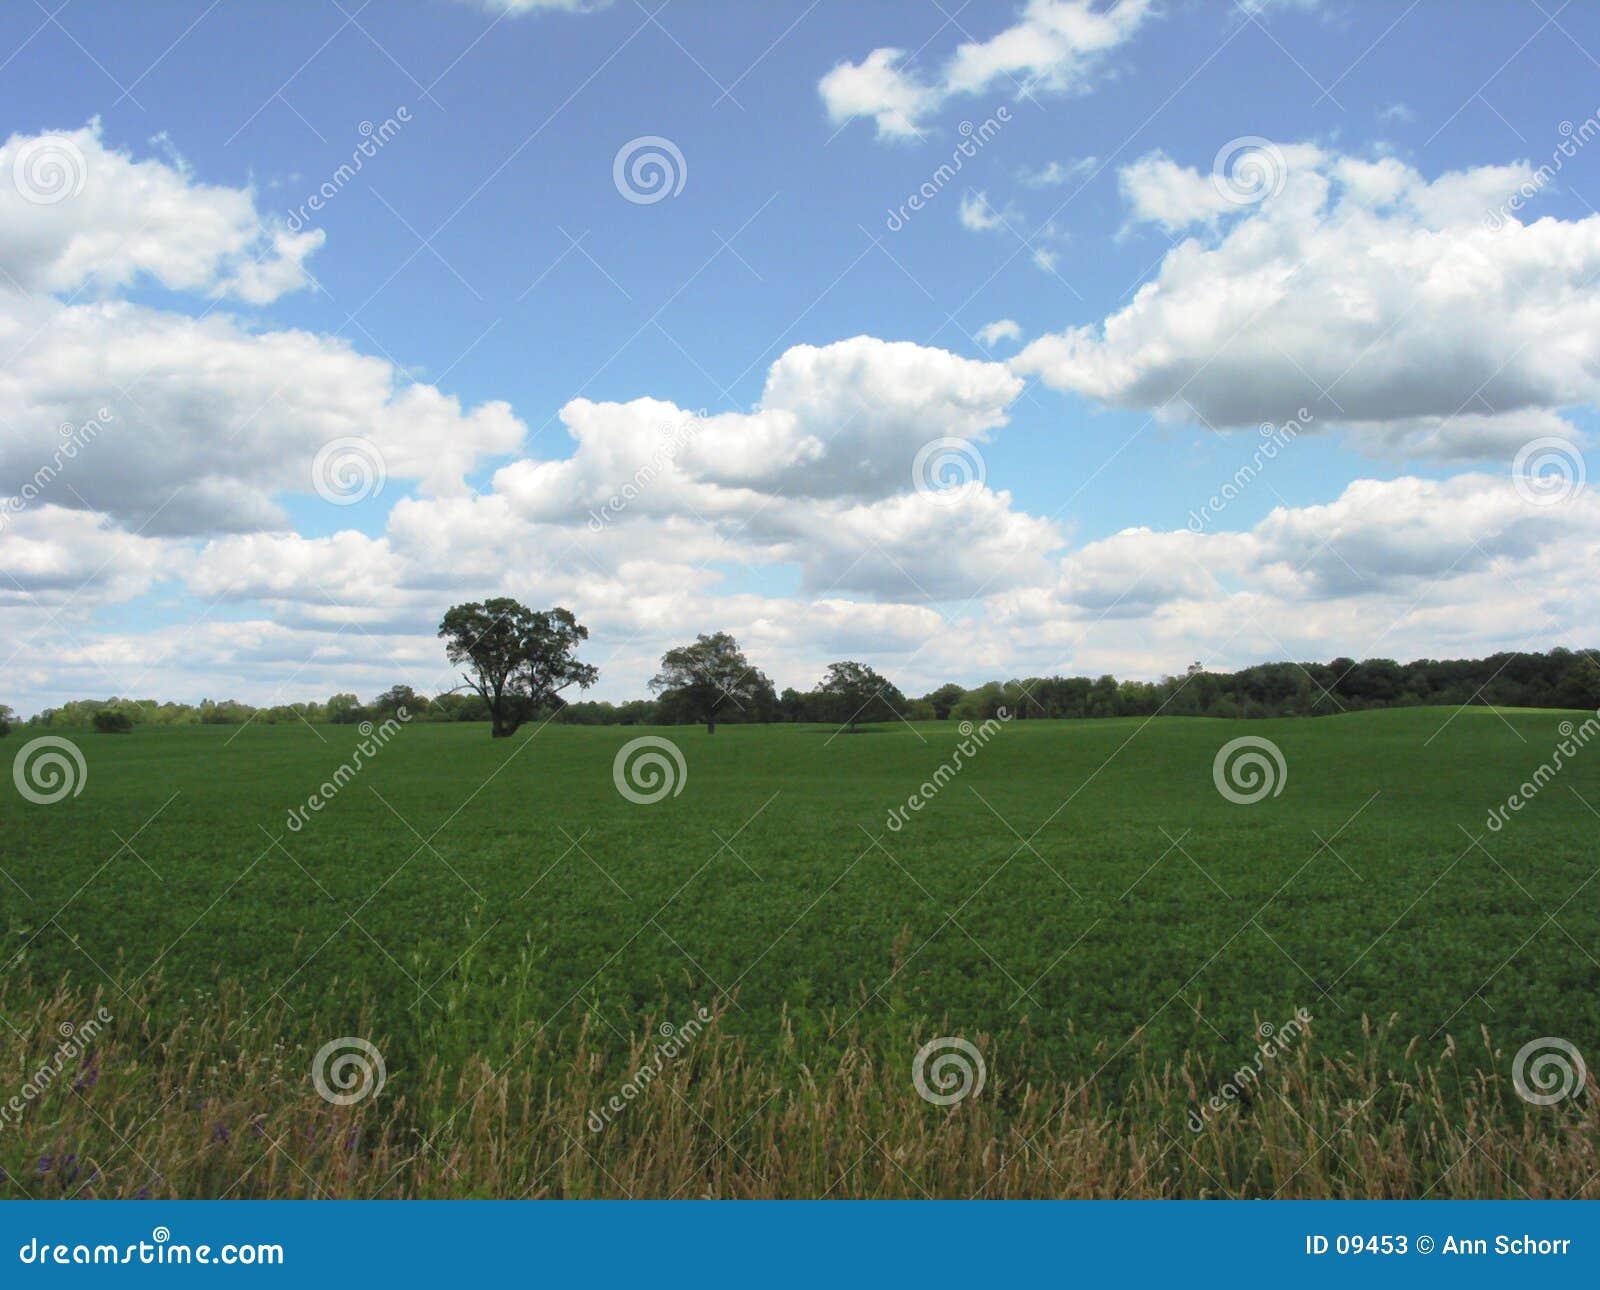 Field in Michigan – 1